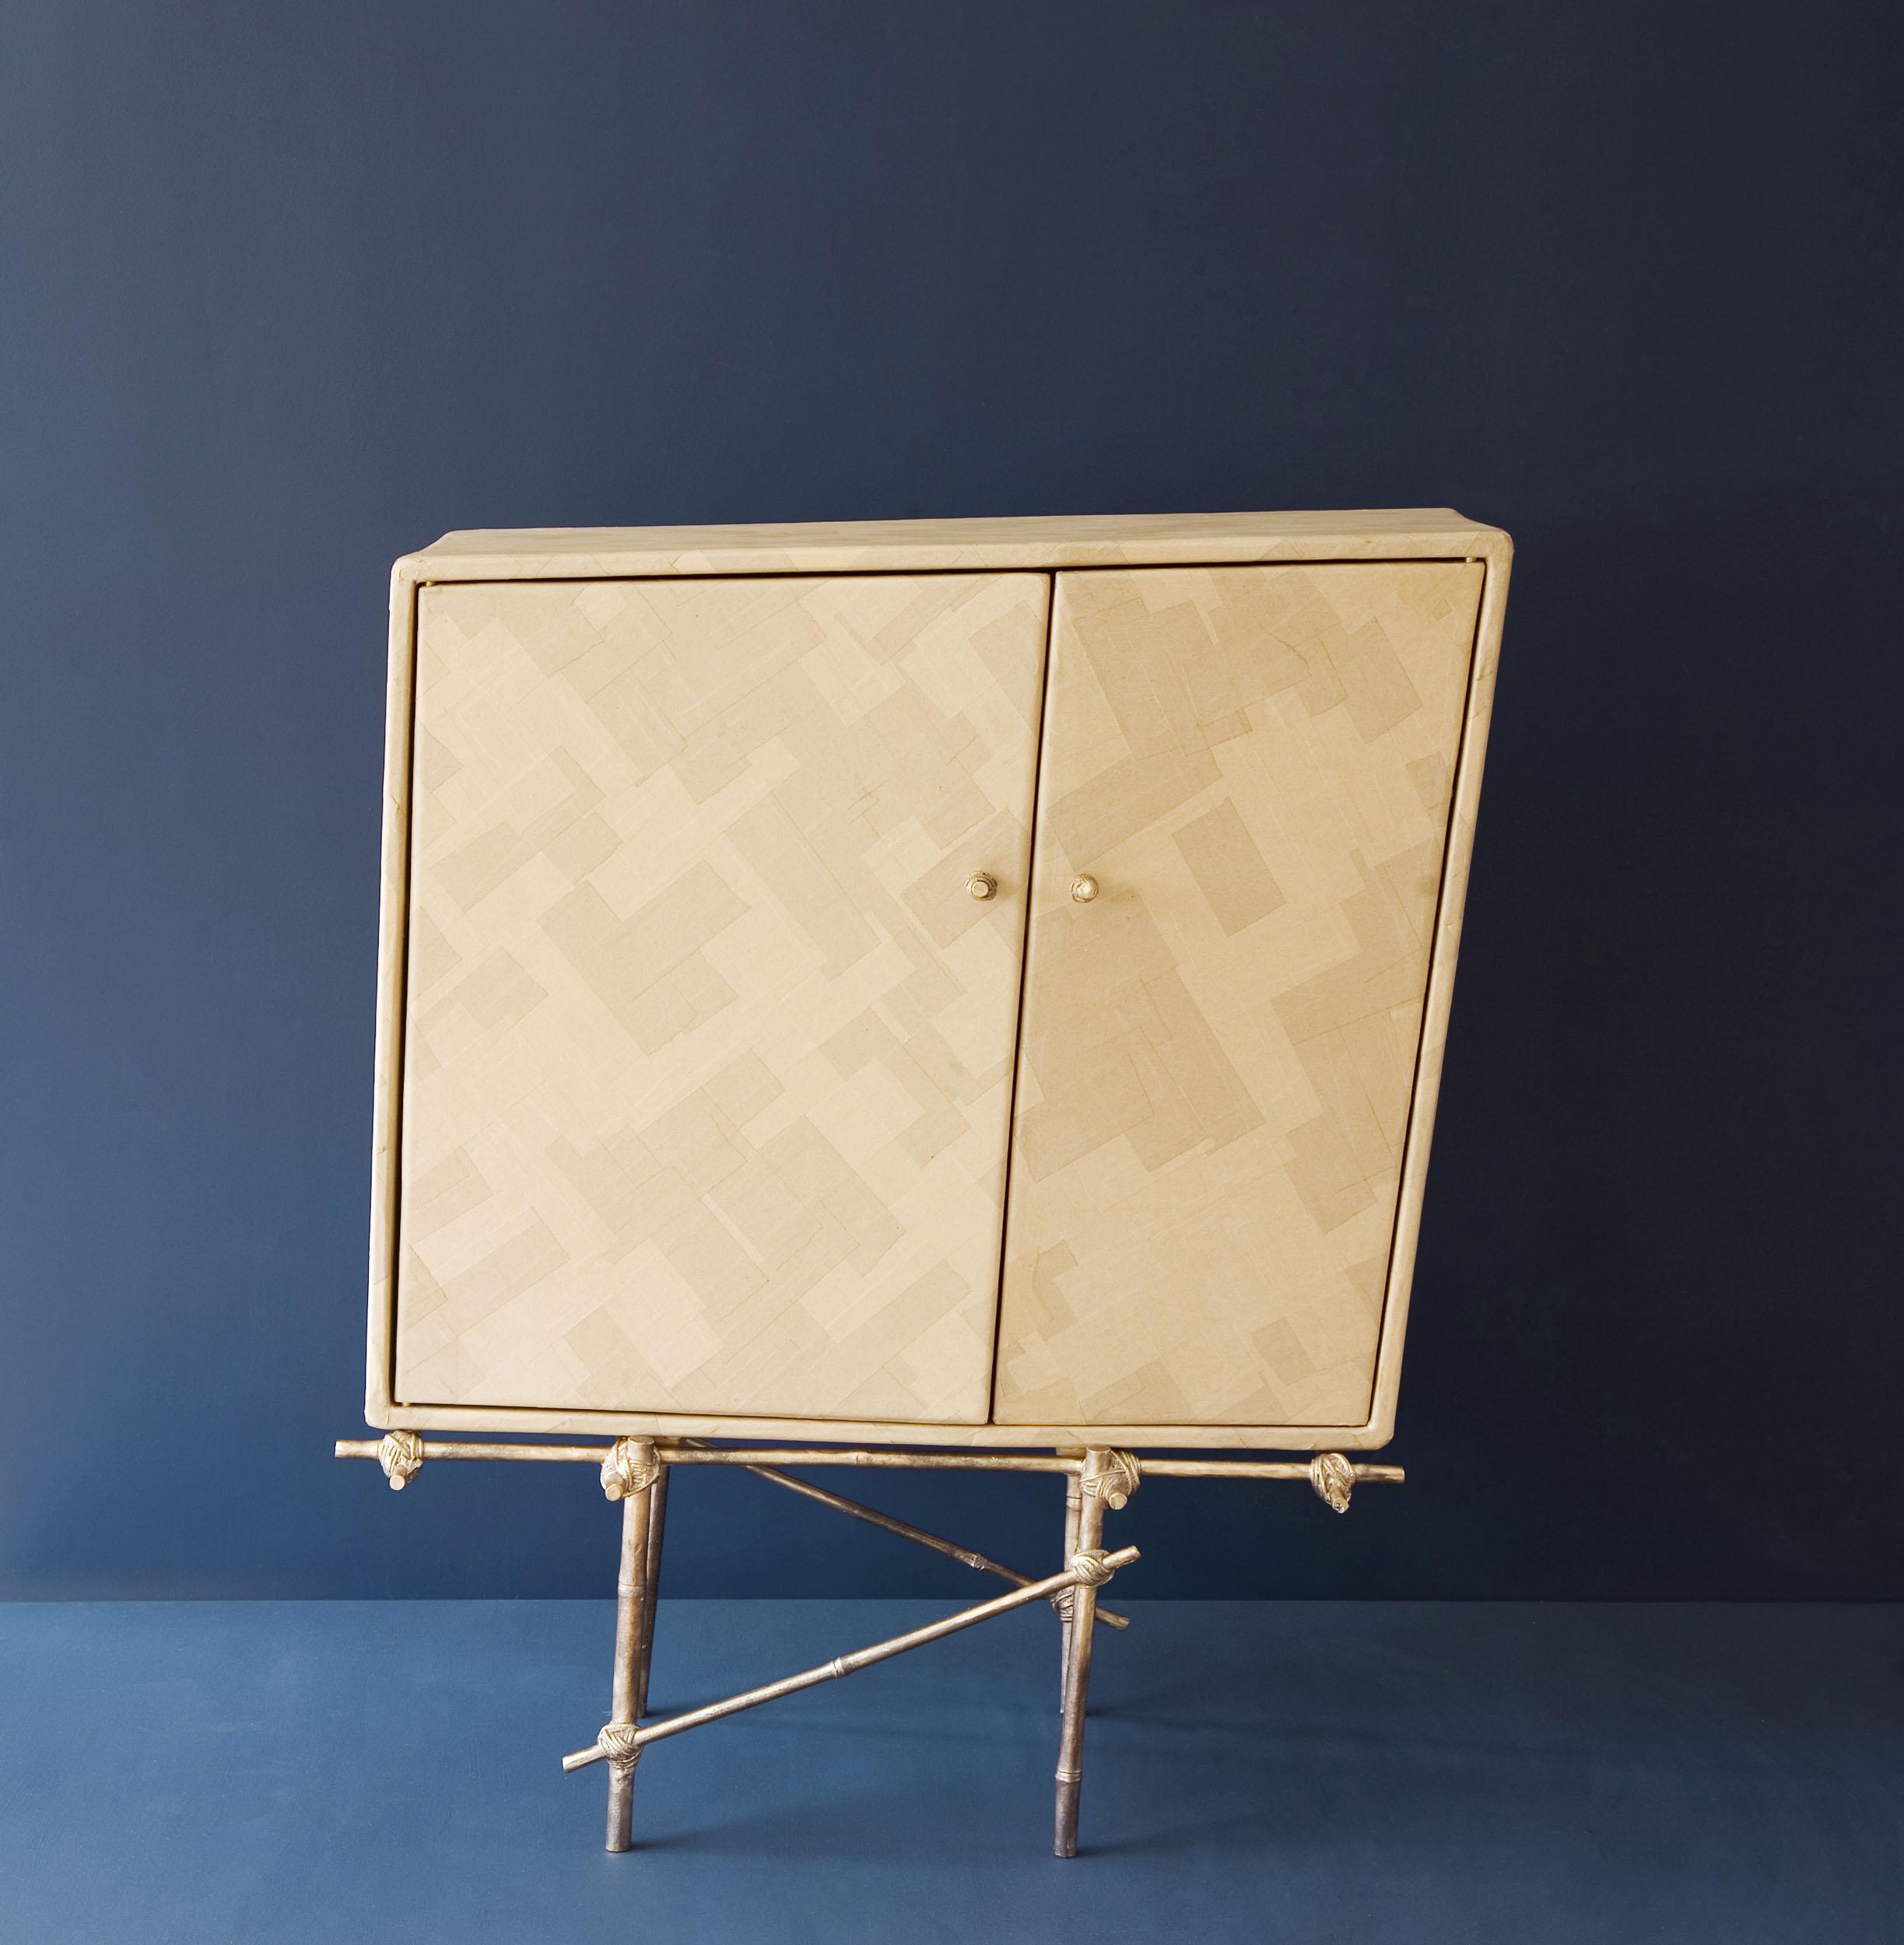 Deja-vu furniture piece with bronze cast bamboo frame and gum paper cupboard